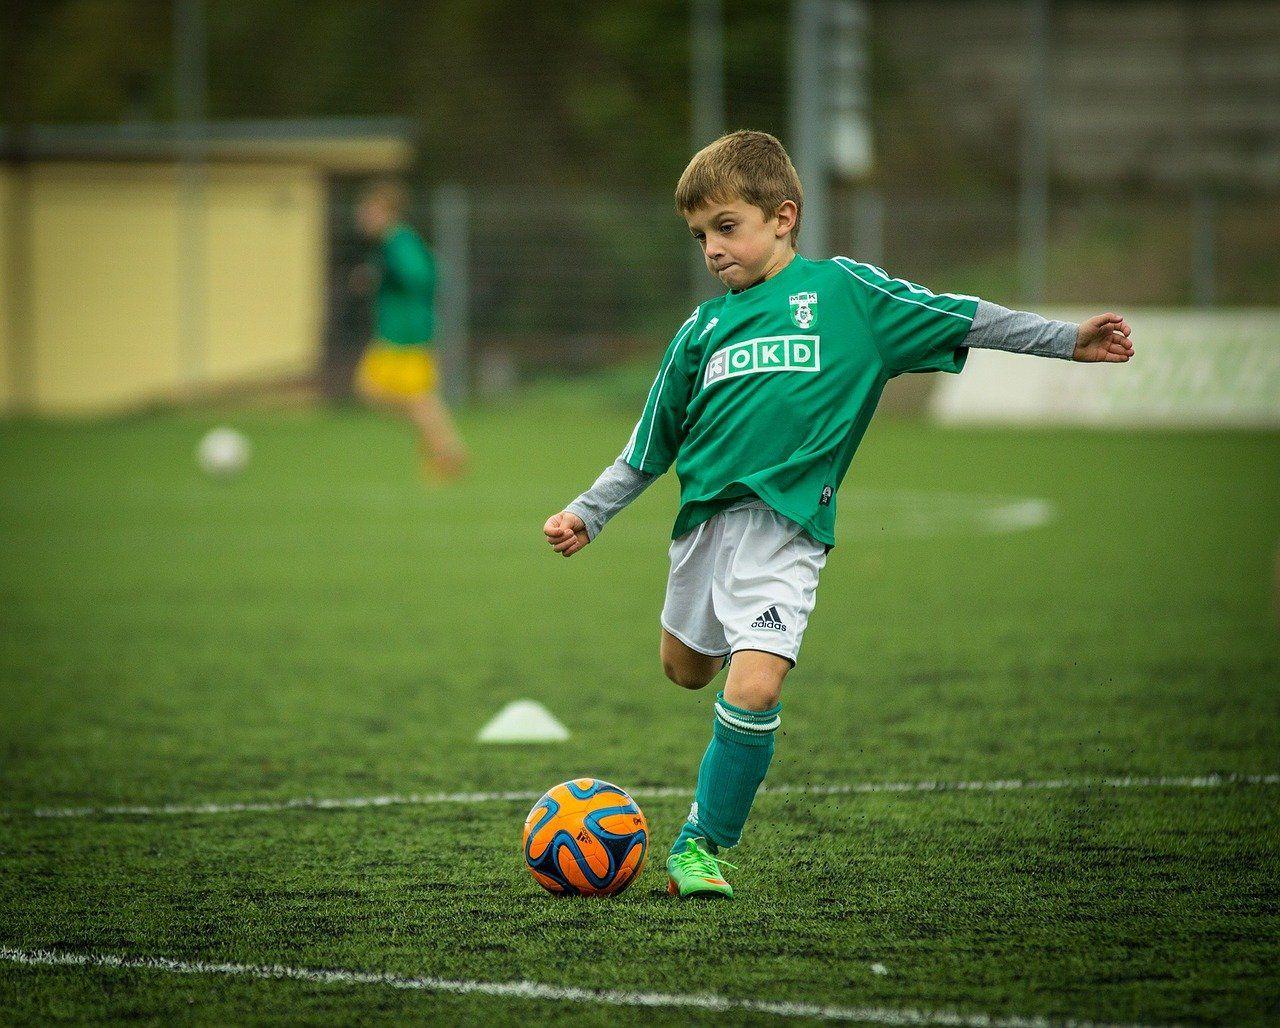 Foto de Niño jugando al fútbol